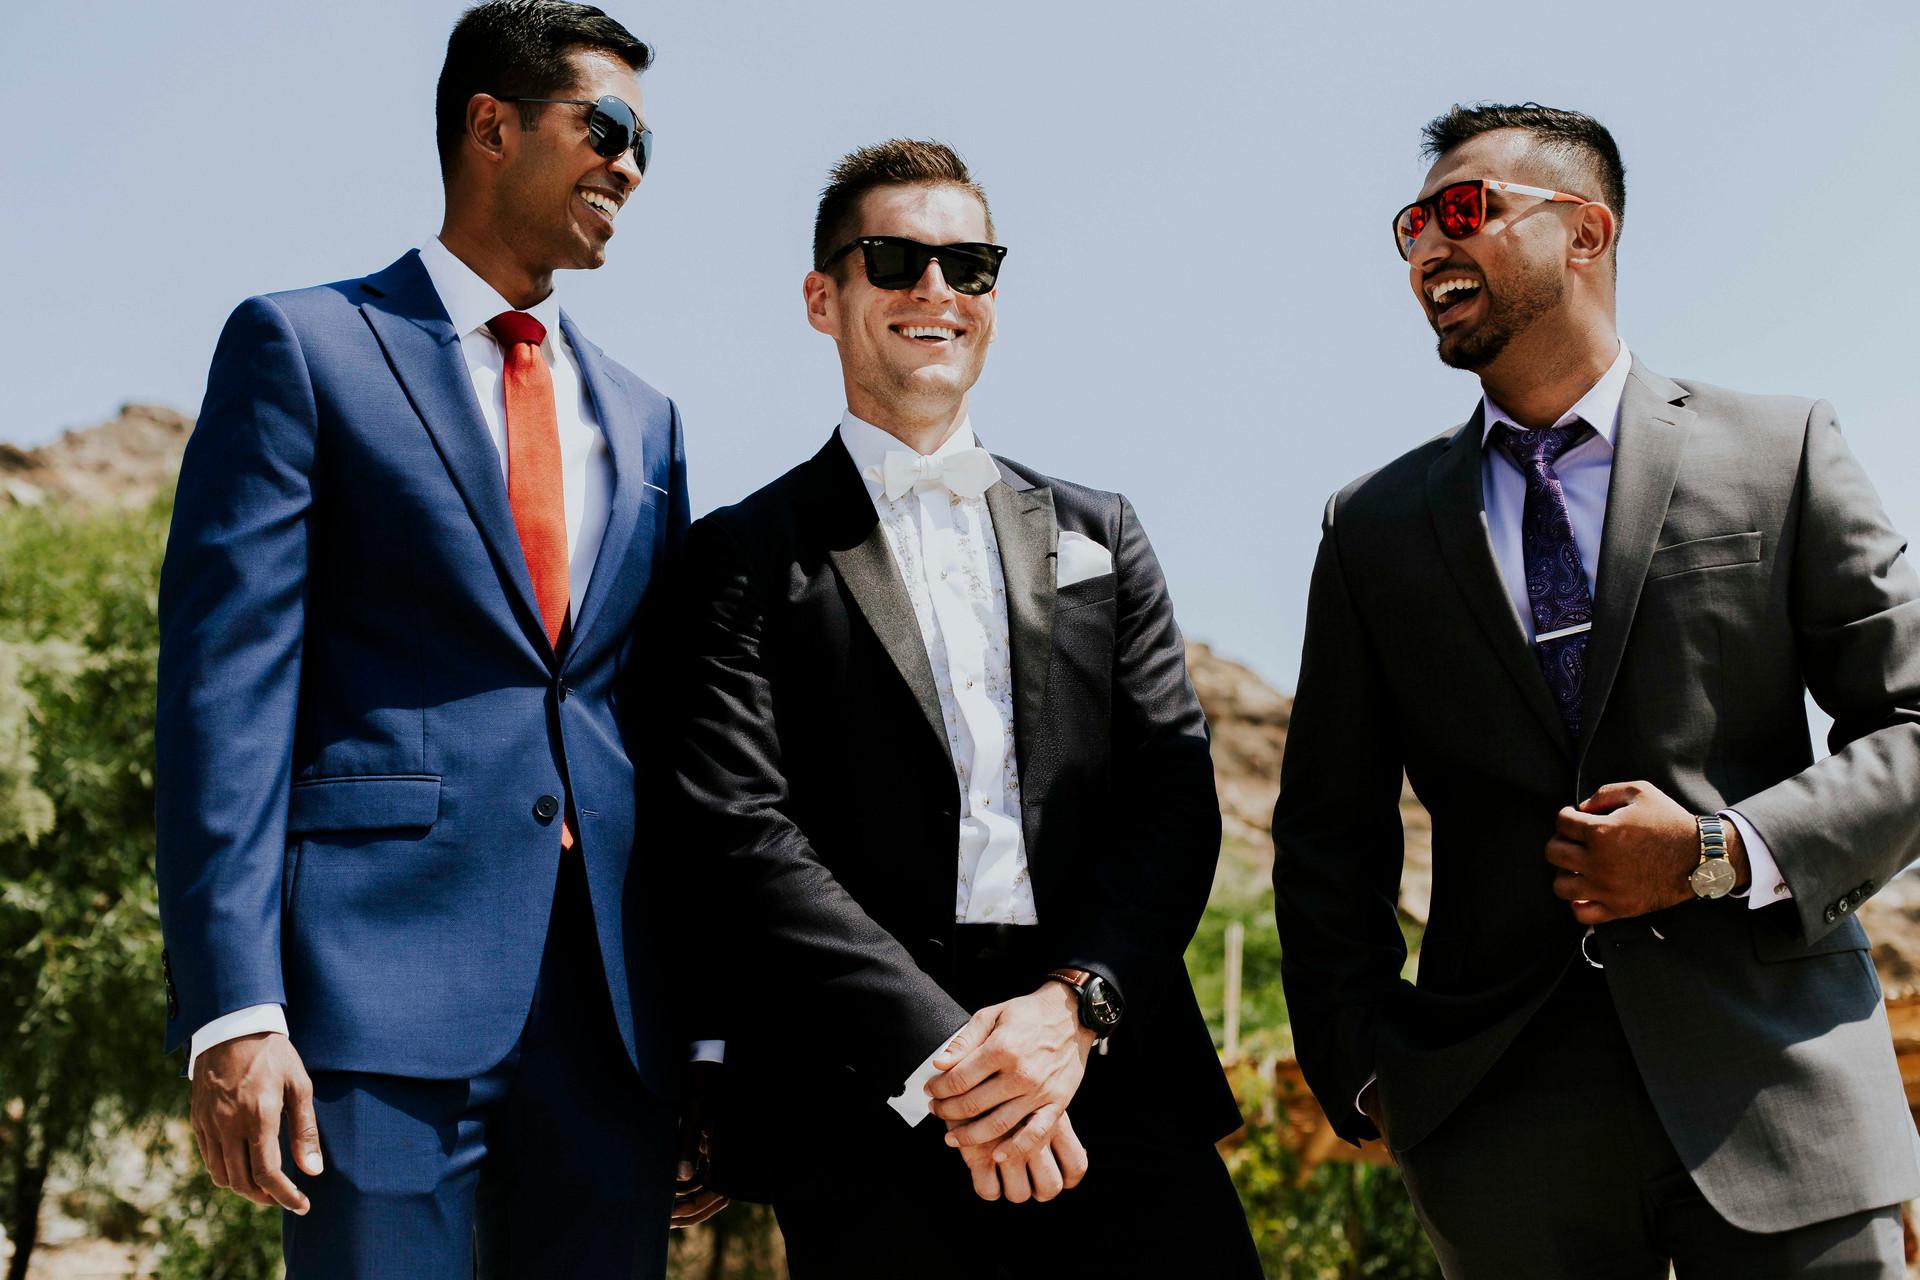 Wedding at Paros Greece-43.jpg